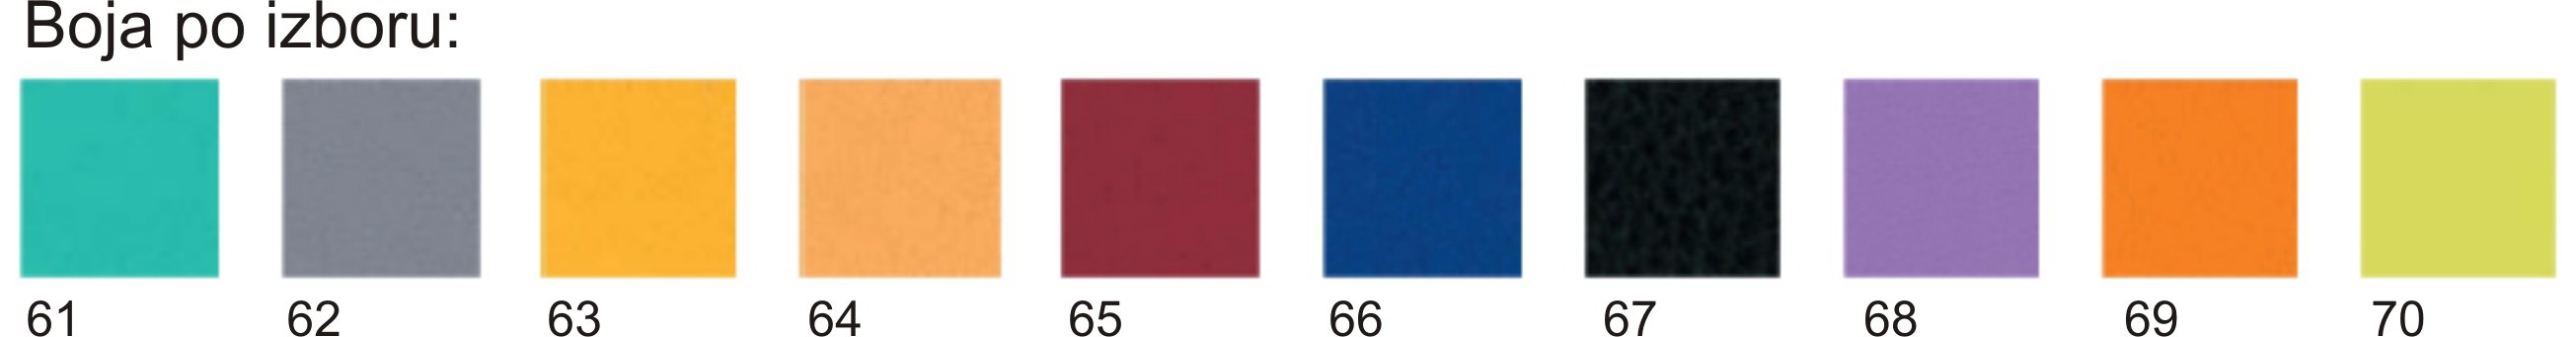 boje stolova 61-70